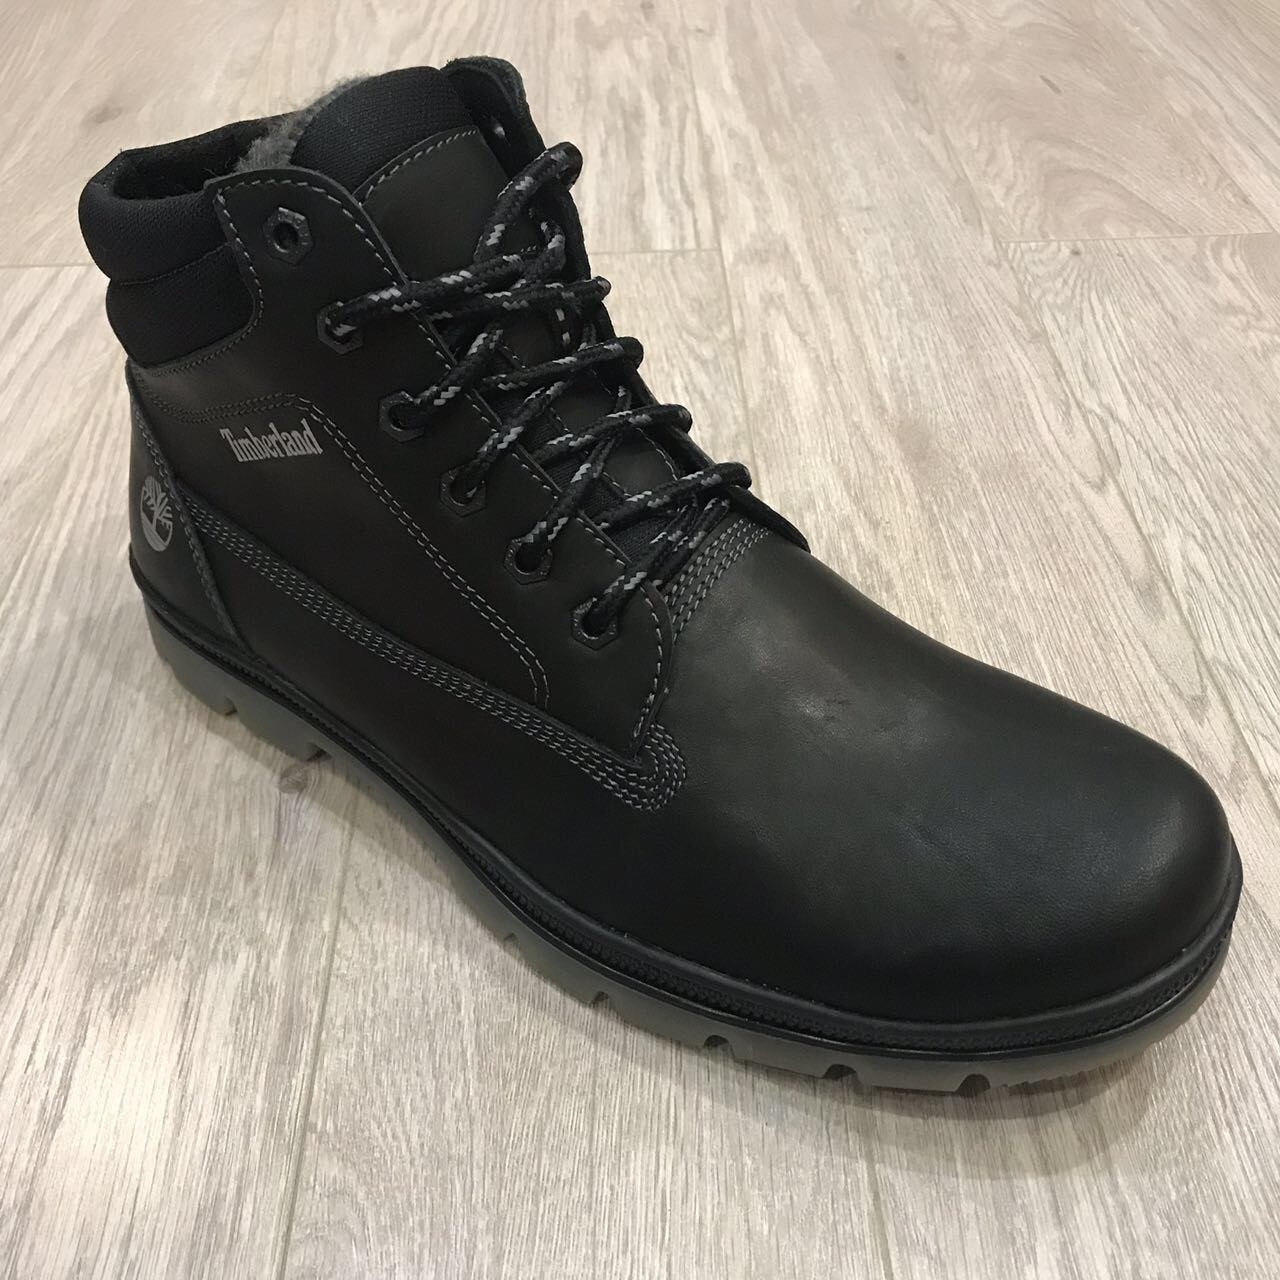 Мужские великаны зимние ботинки Timberland (реплика) 46,47,48,49,50